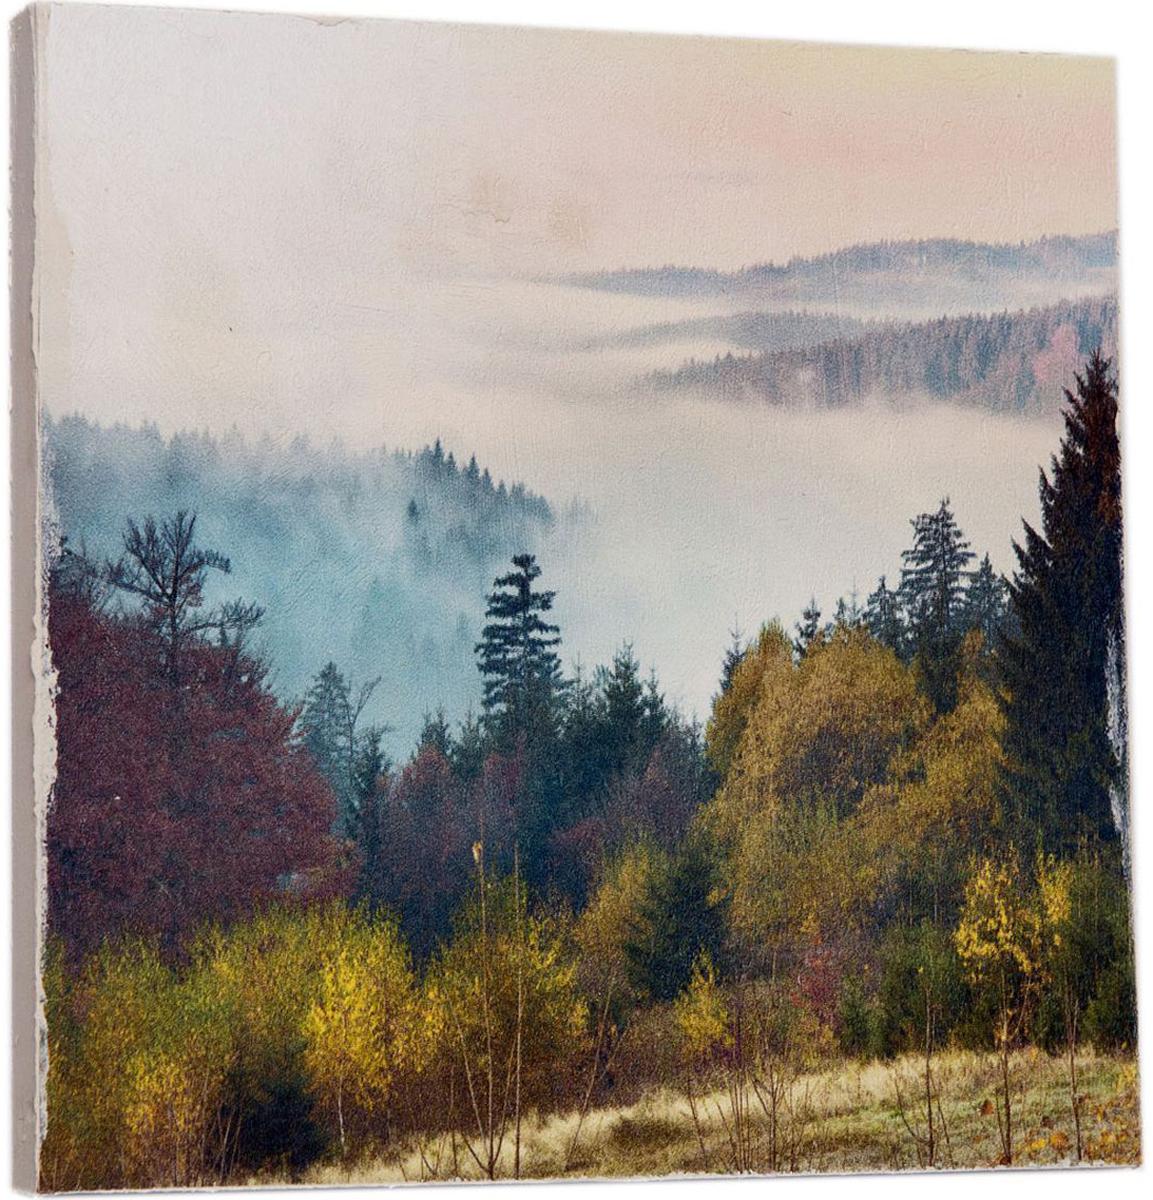 Картина Mister Poster Красивый лес, 22 х 22 см0278-22-22Картина Mister Poster - это высококачественная репродукция на деревянной раме. Лицевая поверхность имитирует штукатурку или натуральный холст, края окрашены вручную специальным декоративным составом.Современные технологии, уникальное оборудование и оригинальные чернила, используемые при изготовлении, делают постер устойчивым к выцветанию, а также гарантируют стойкость к воздействию негативных внешних факторов. Интерьер дома и офиса, в котором находится человек, в значительной степени влияет на его настроение и работоспособность. Правильное оформление интерьера создает благоприятный психологический климат, улучшает настроение и мотивирует. Добавьте «красок» в ваш интерьер и, возможно, в вашу жизнь.